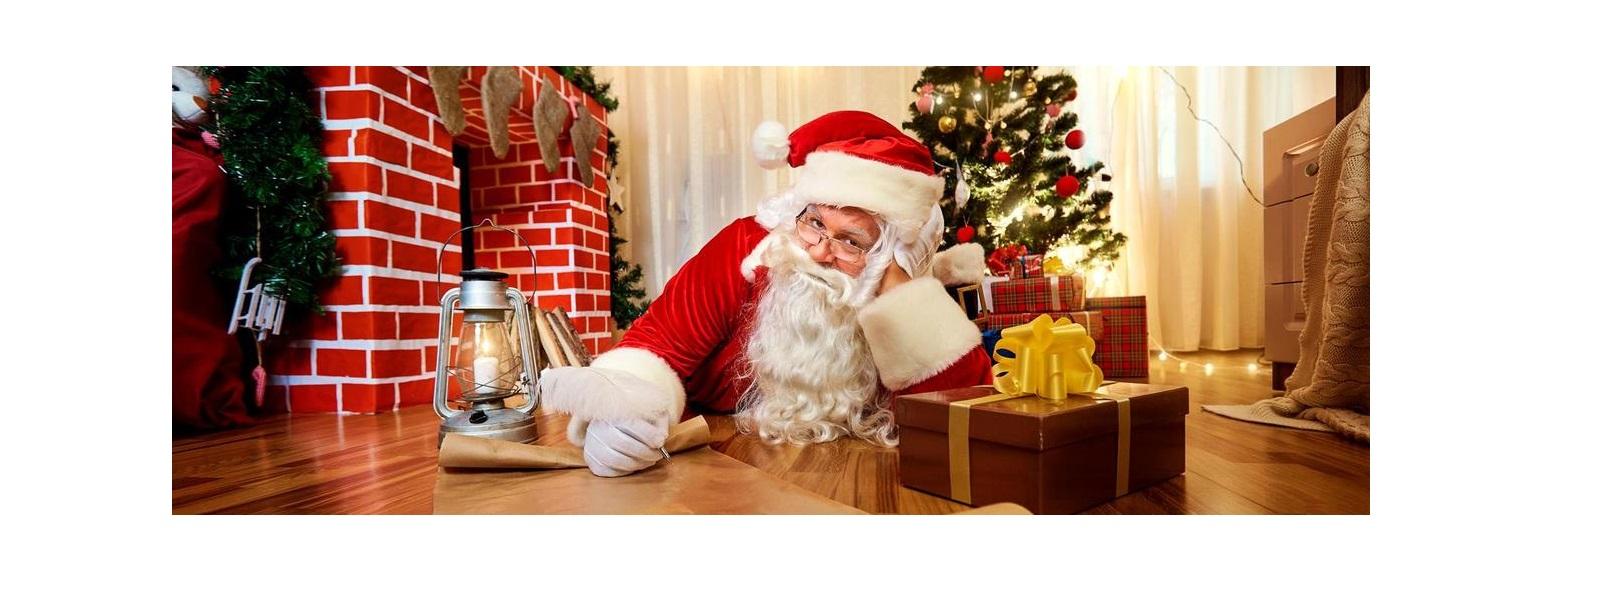 Donnez une pause au père Noël